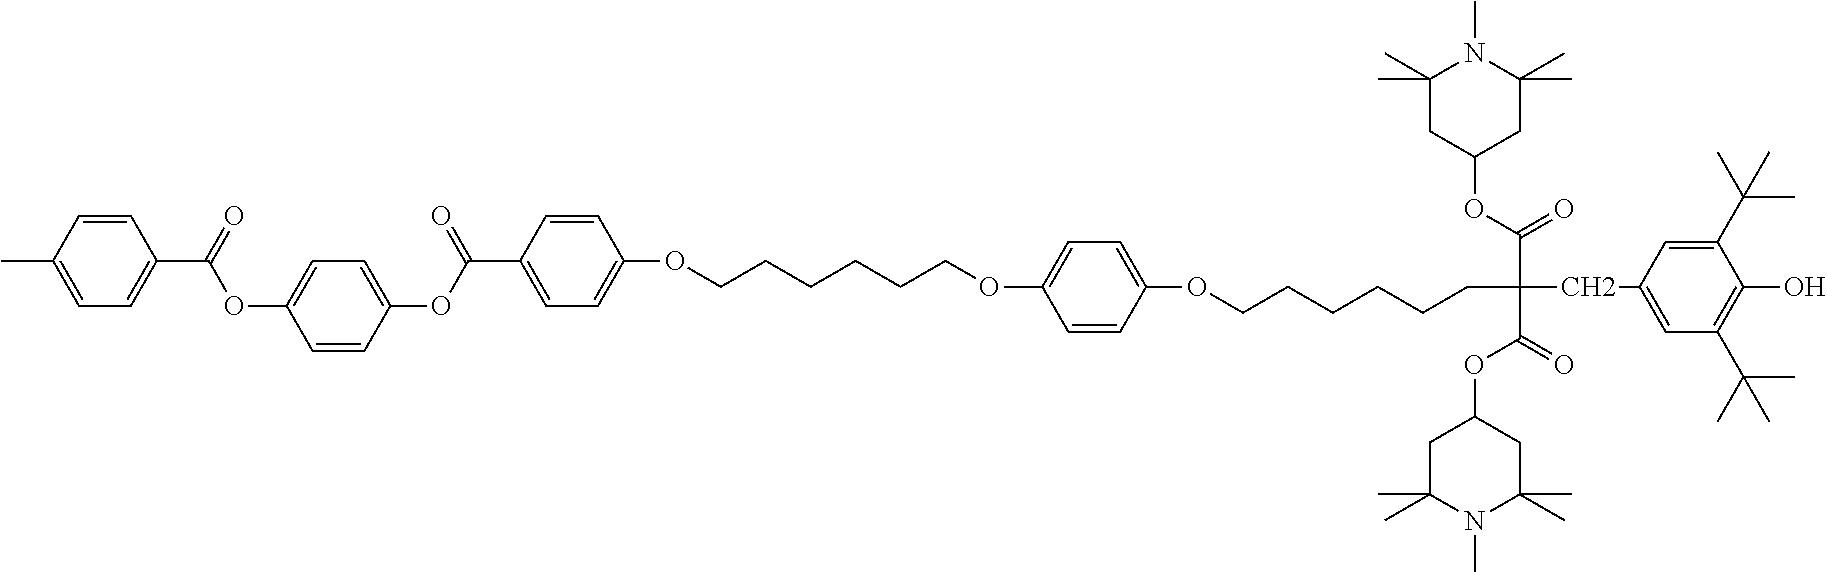 Figure US08431039-20130430-C00046